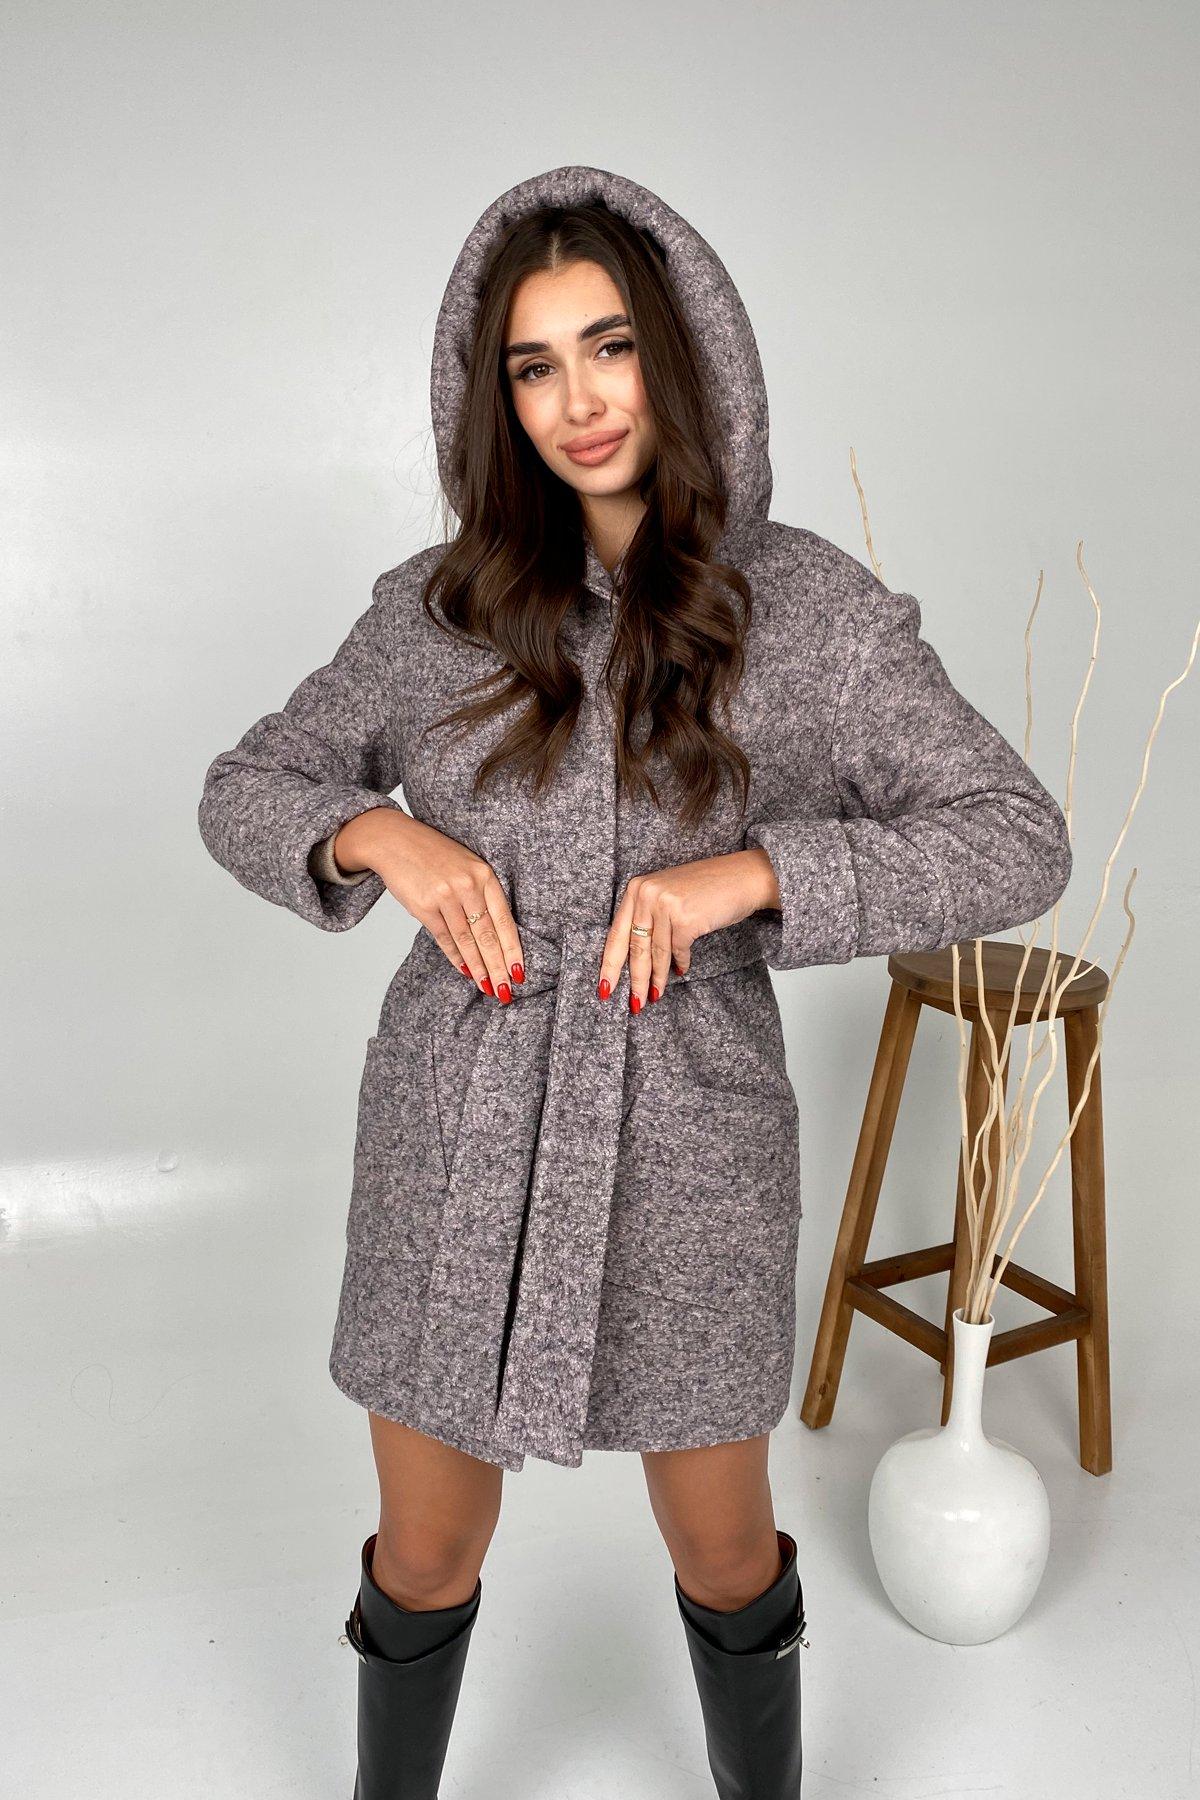 Анита шерсть варенка зима без меха пальто 9936 АРТ. 46223 Цвет: Серый/розовый 25 - фото 2, интернет магазин tm-modus.ru